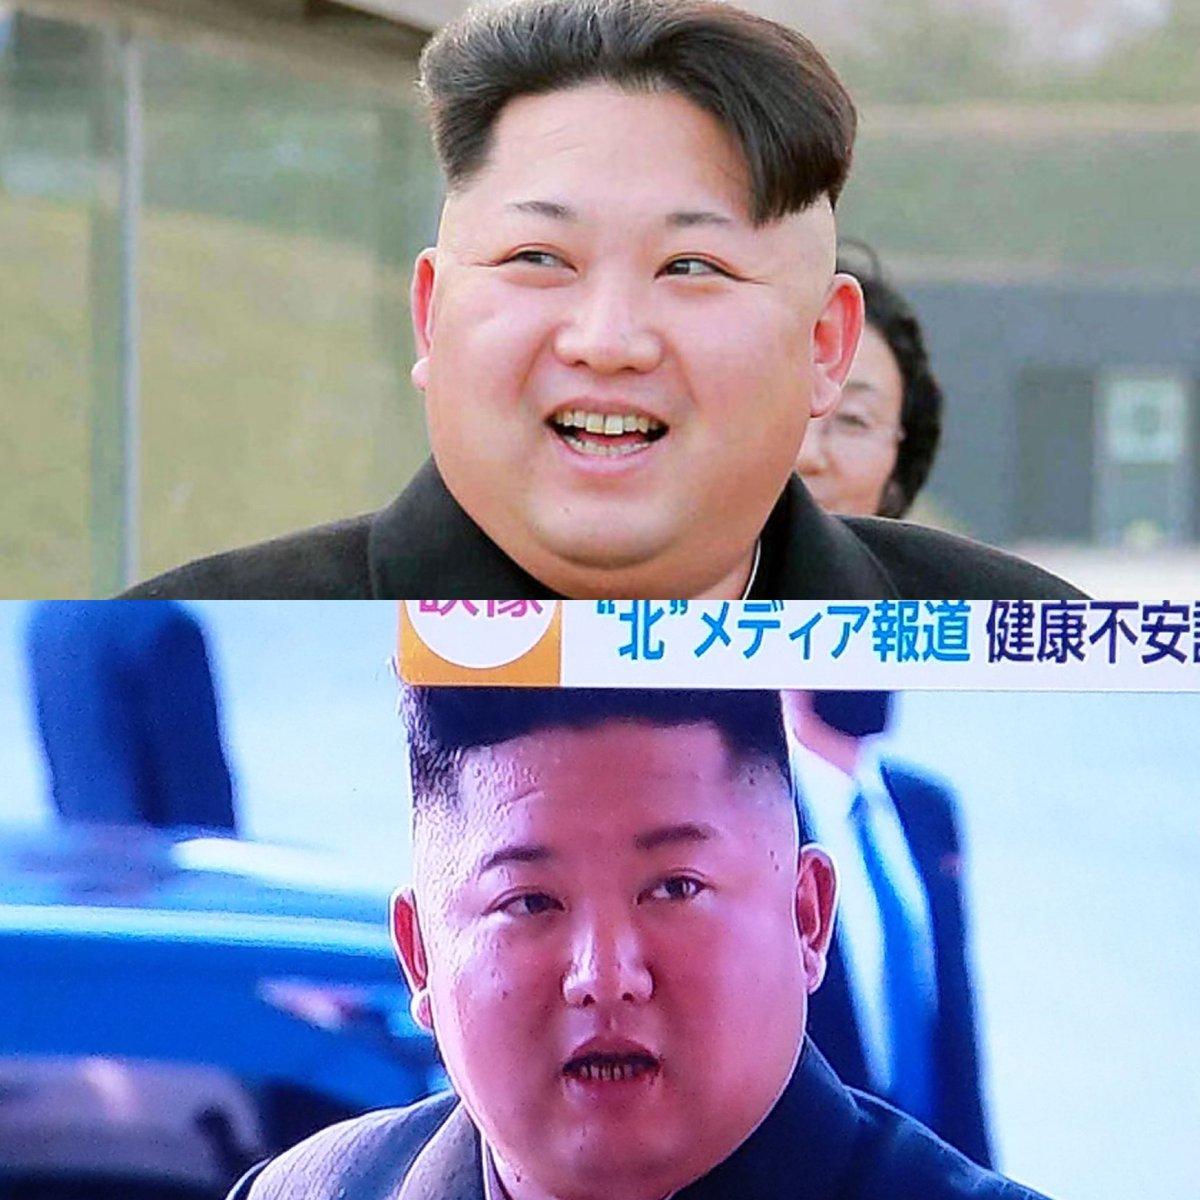 影武者 画像 キムジョンウン